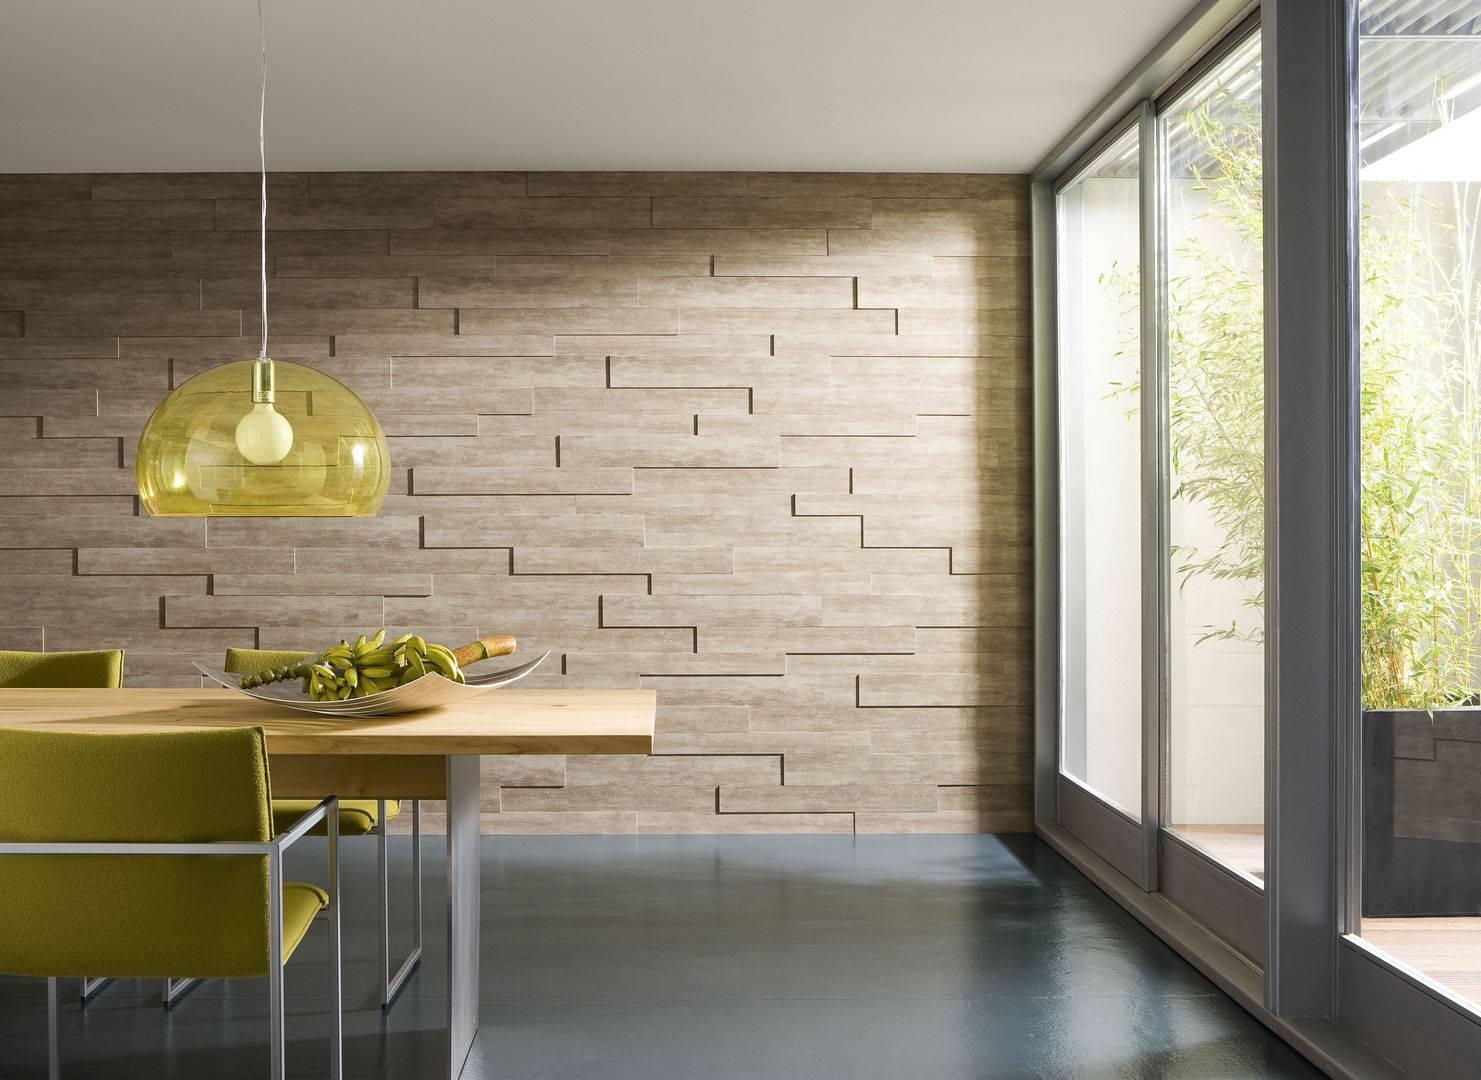 Какие бывают стеновые панели для внутренней отделки: пластиковые, мдф, деревянные и полимерные панели для стен + фото в интерьере » интер-ер.ру